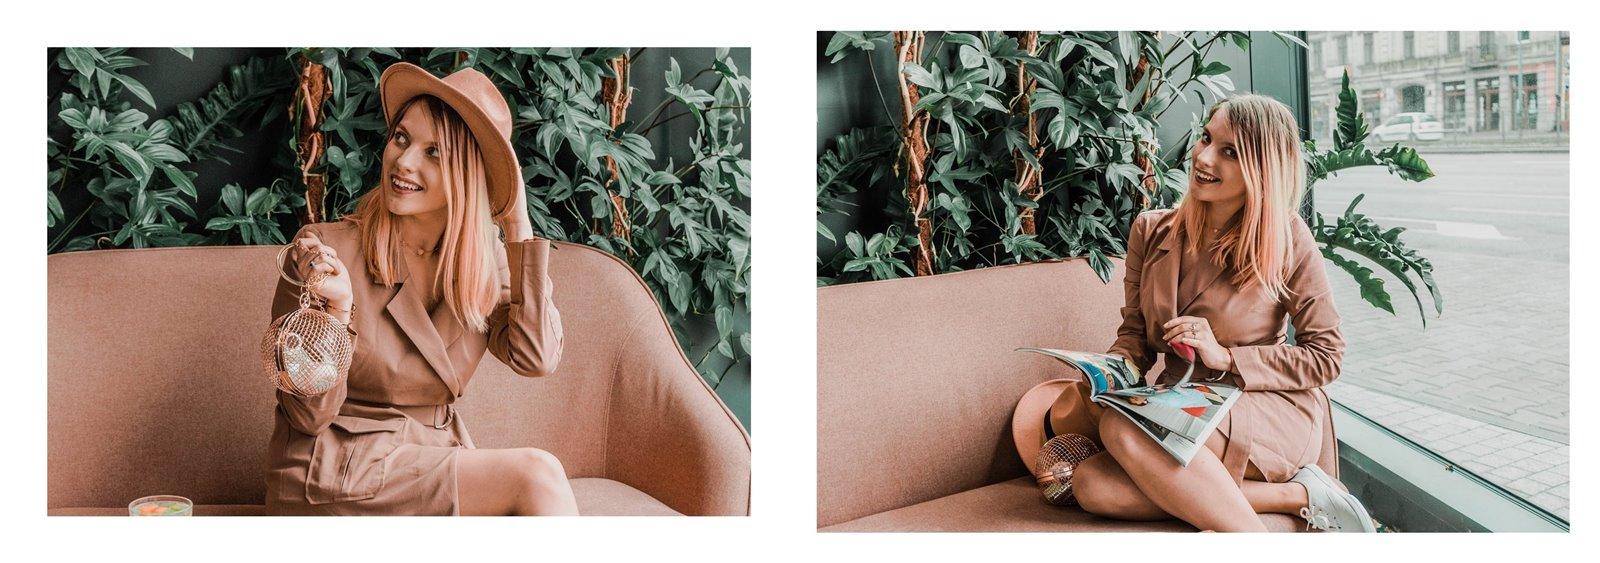 7a nakd sukienka julia wieniawa kolekcja ubrań cena gdzie kupić sukienka trendy na wiosnę 2019 sukienka o kroju płaszcza jak nosić kapelusz złota biżuteria apart torebka asos outlet satisfashion ocena jakość opinie łódź